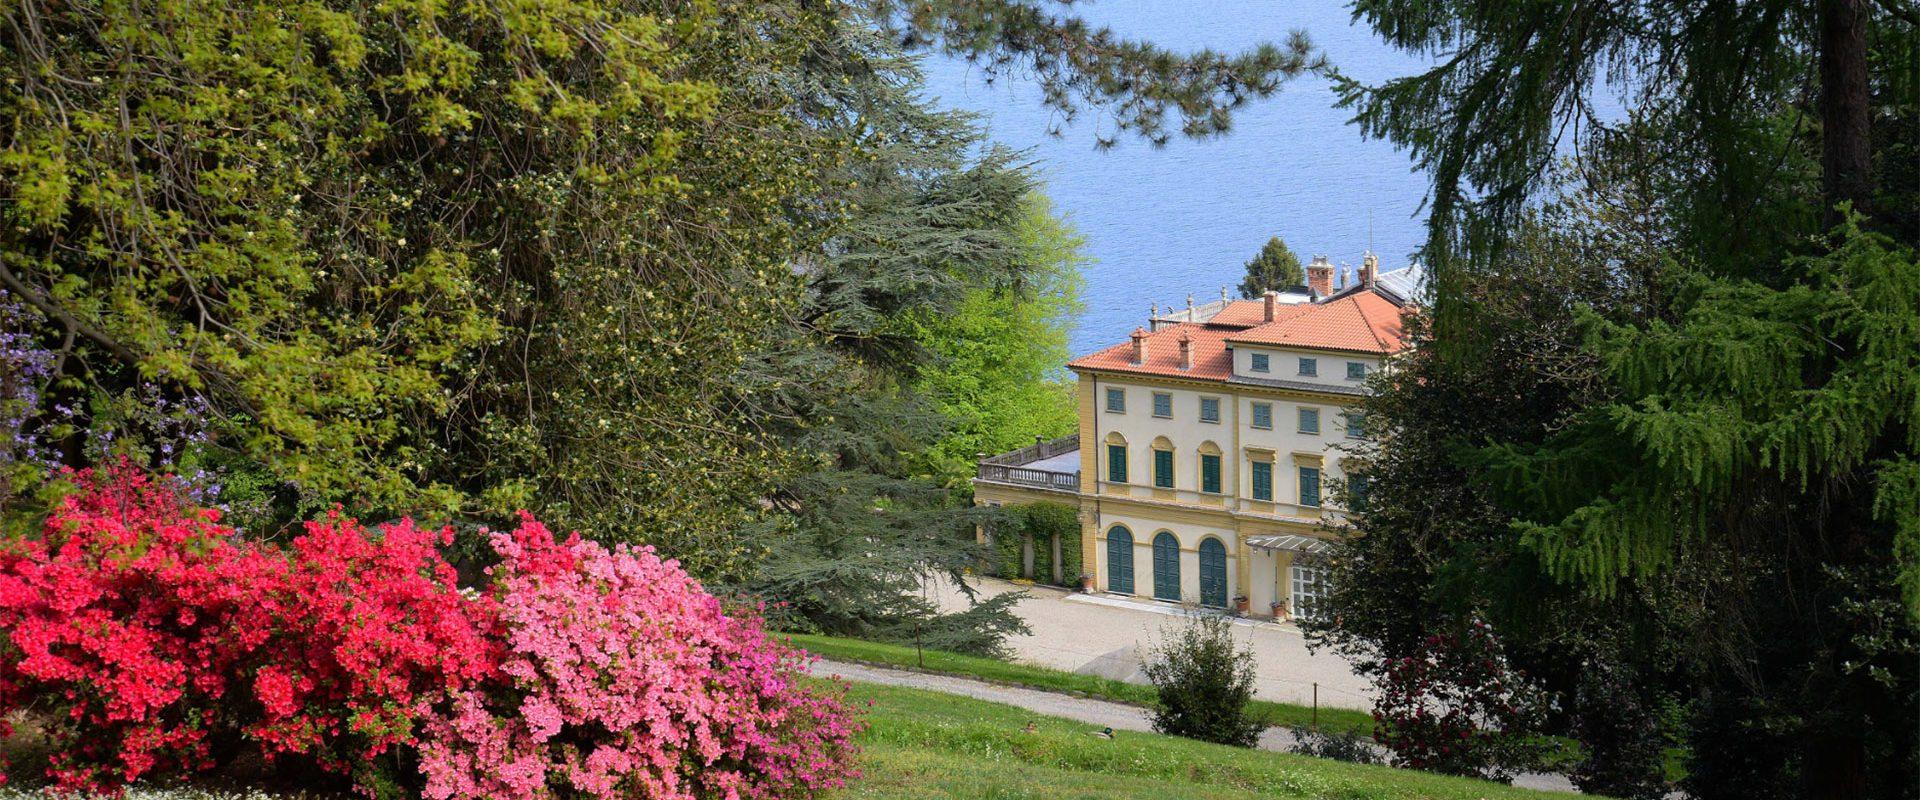 Villa und Parco Pallavicino 100% Eigentum Borromeo